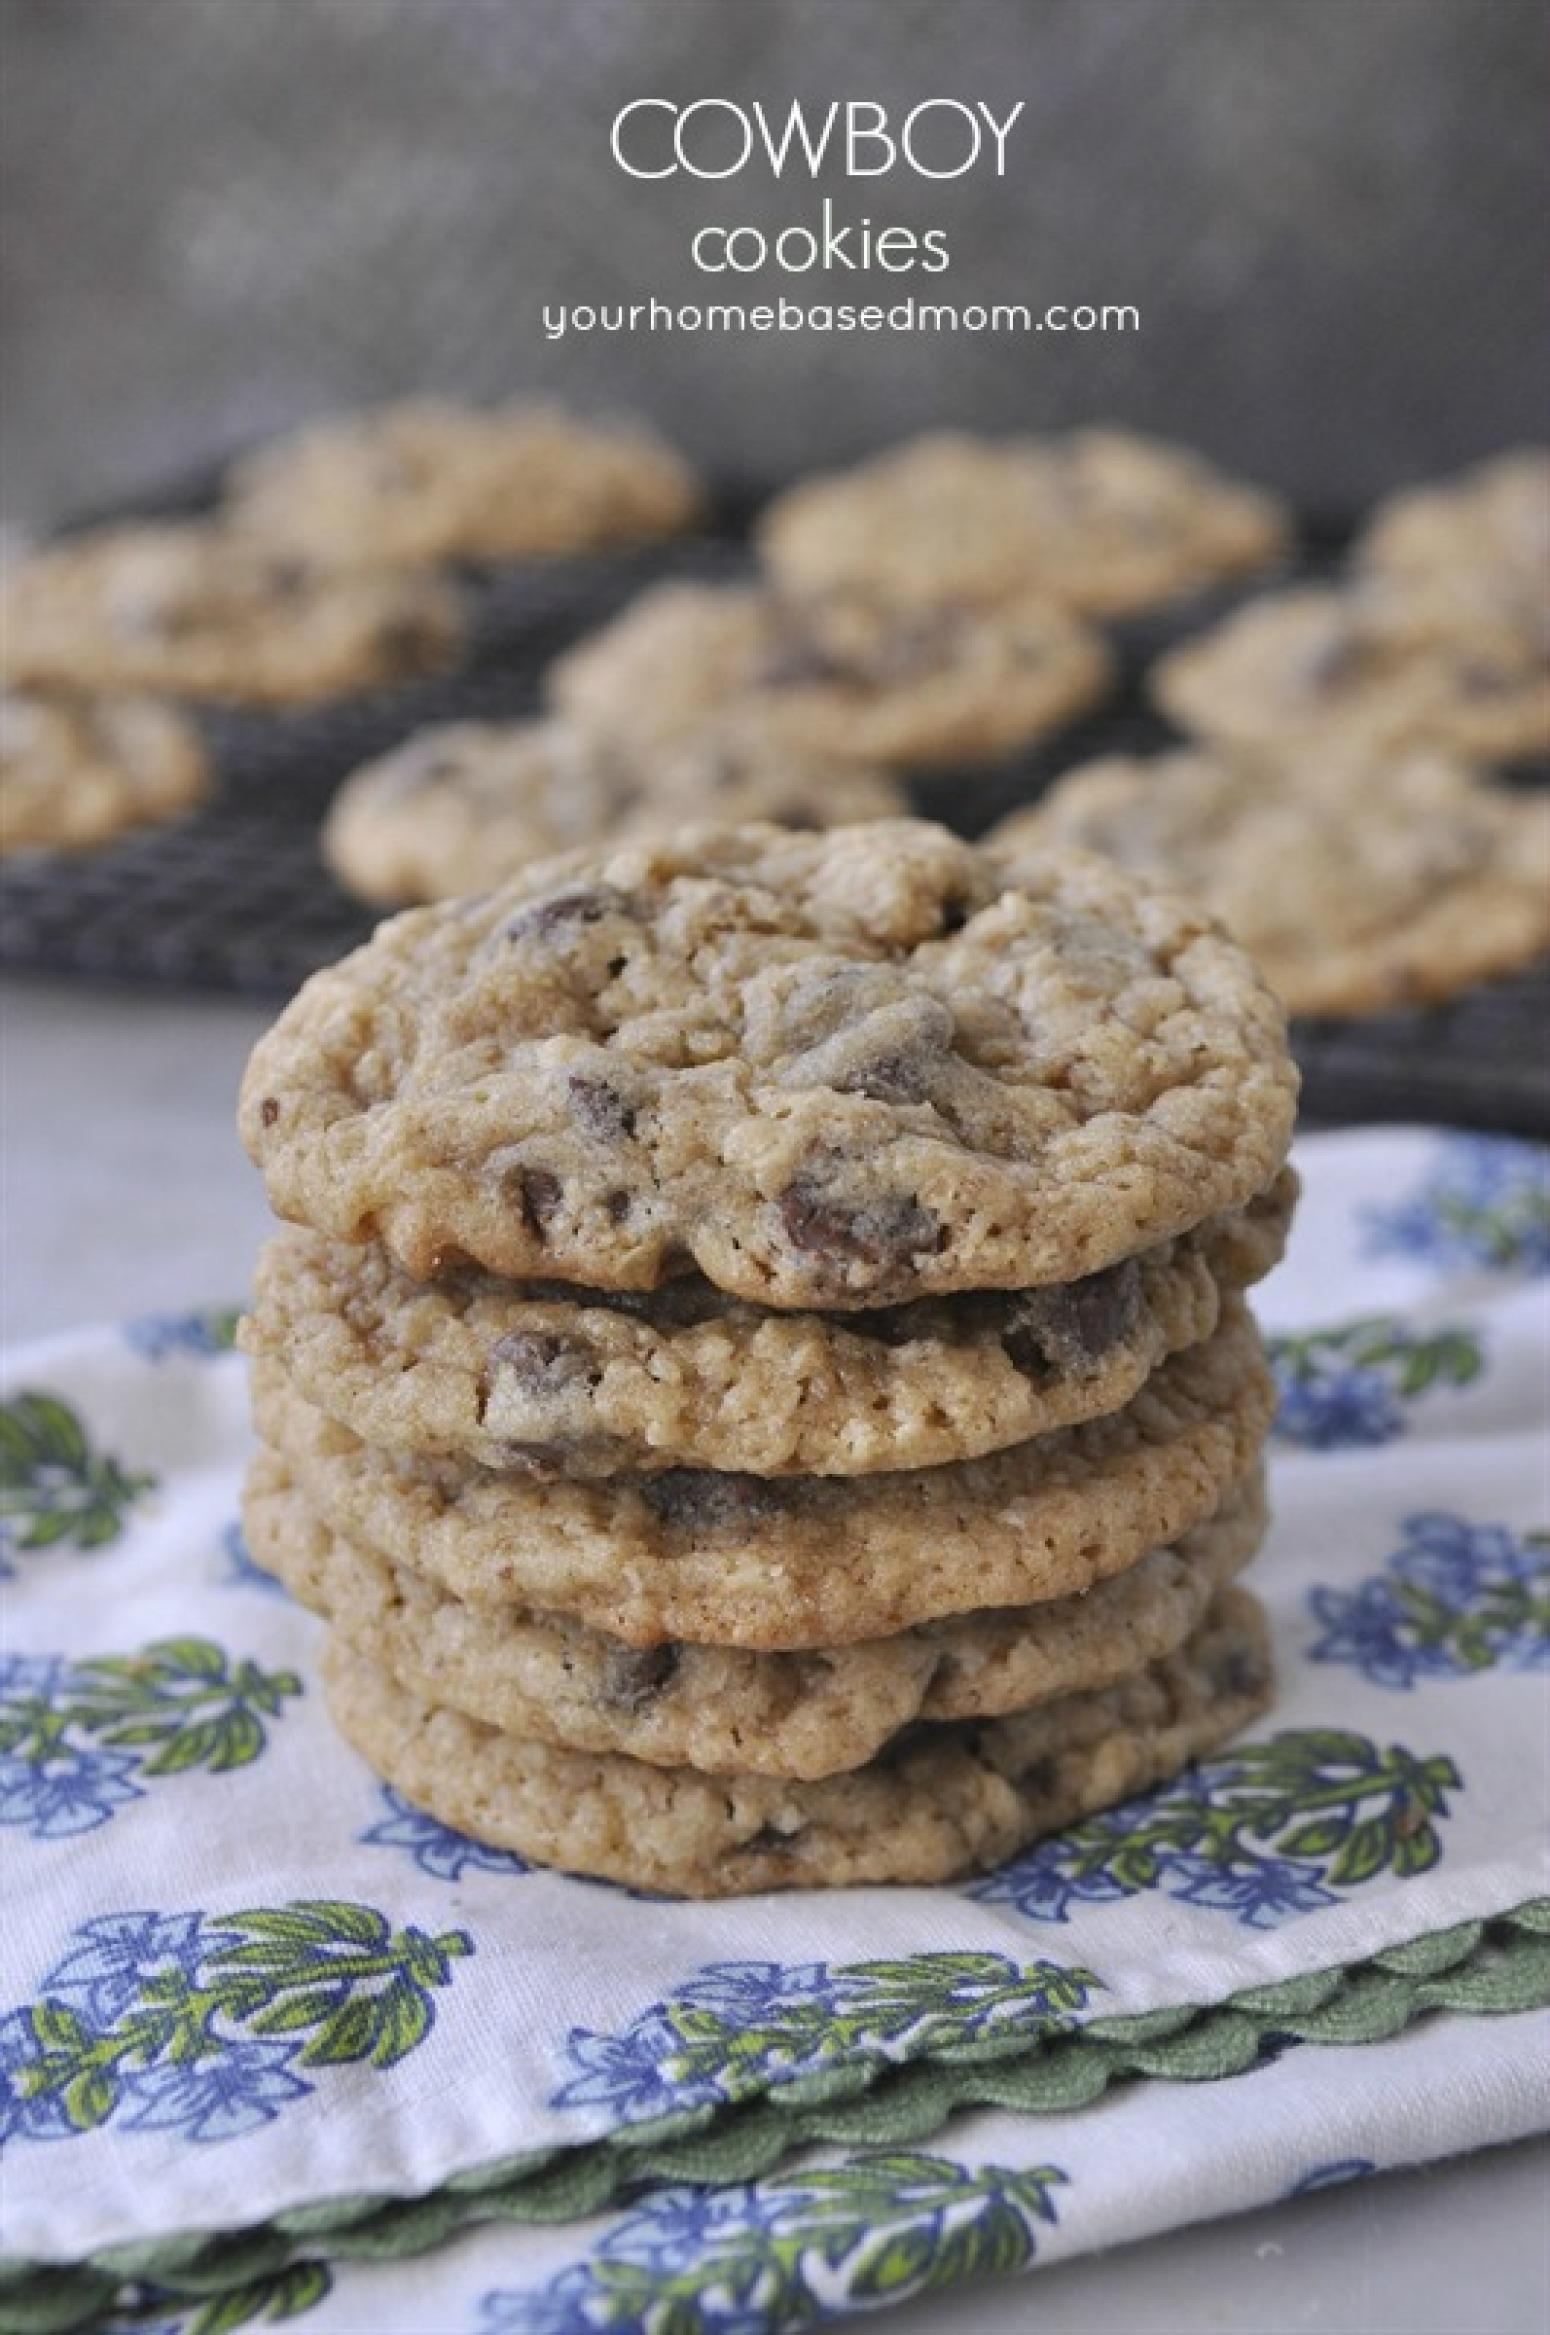 Cowboy Cookies Recipe 10 | Just A Pinch Recipes